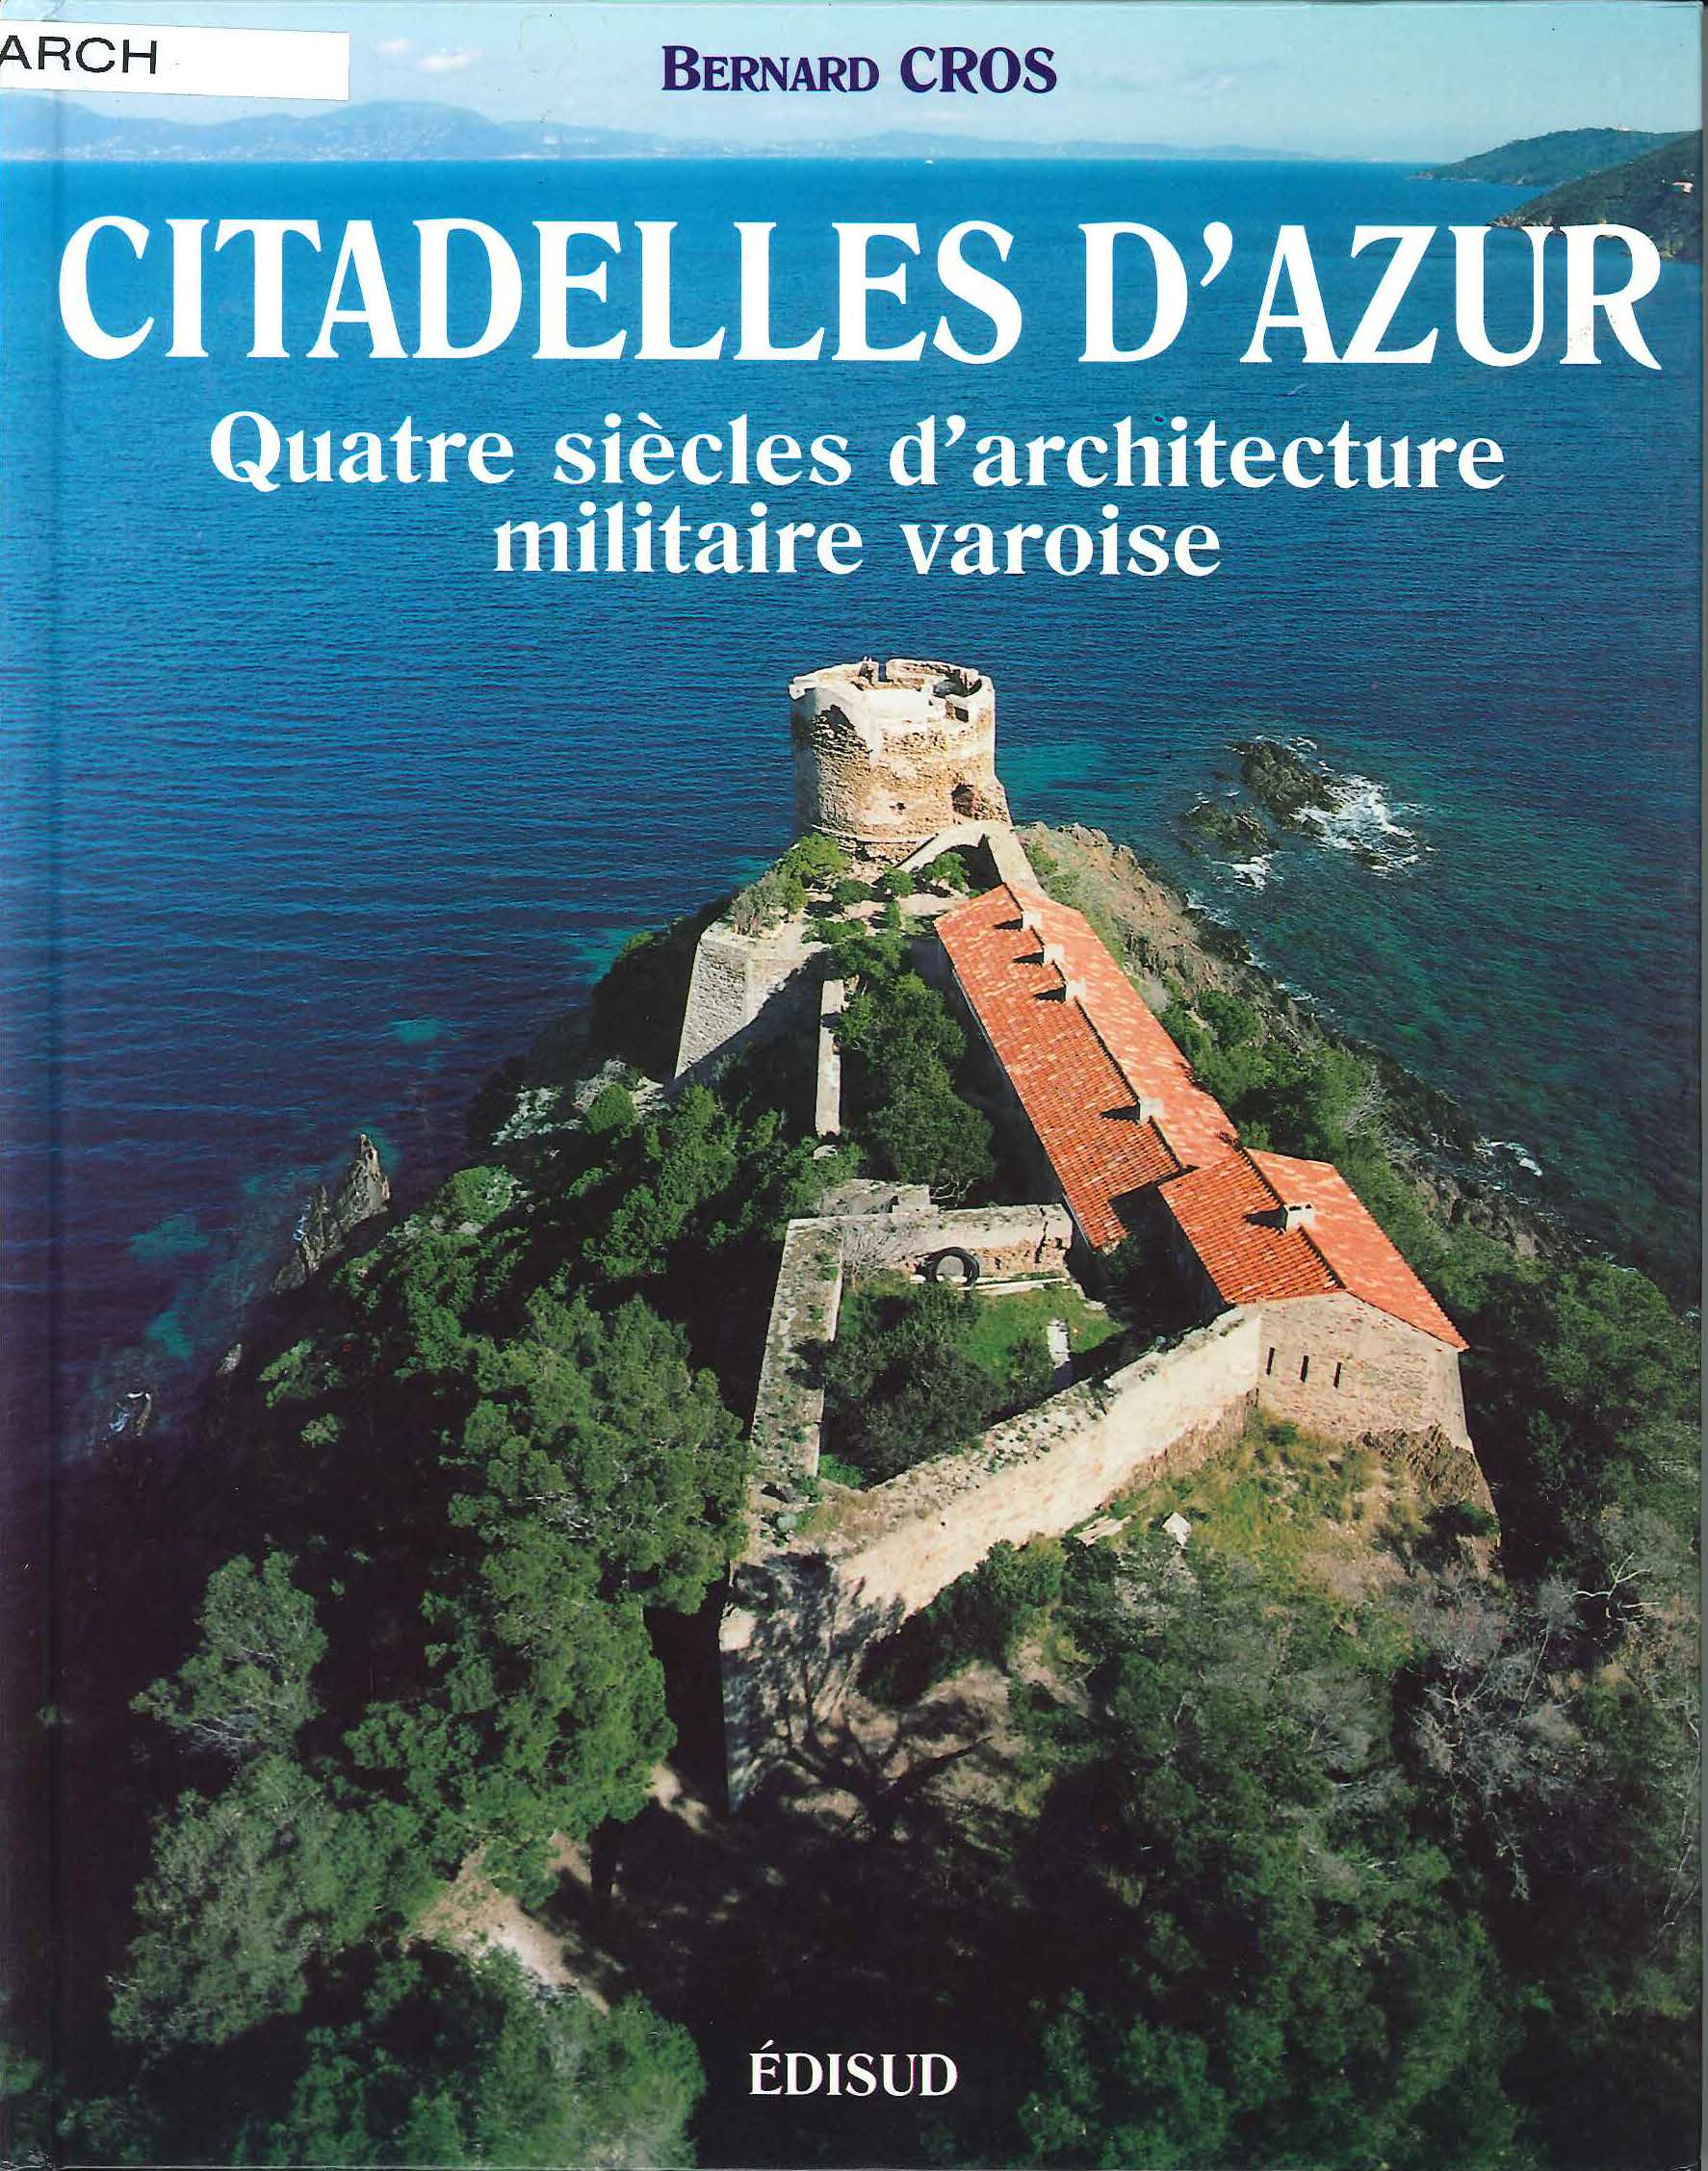 Citadelles d'Azur